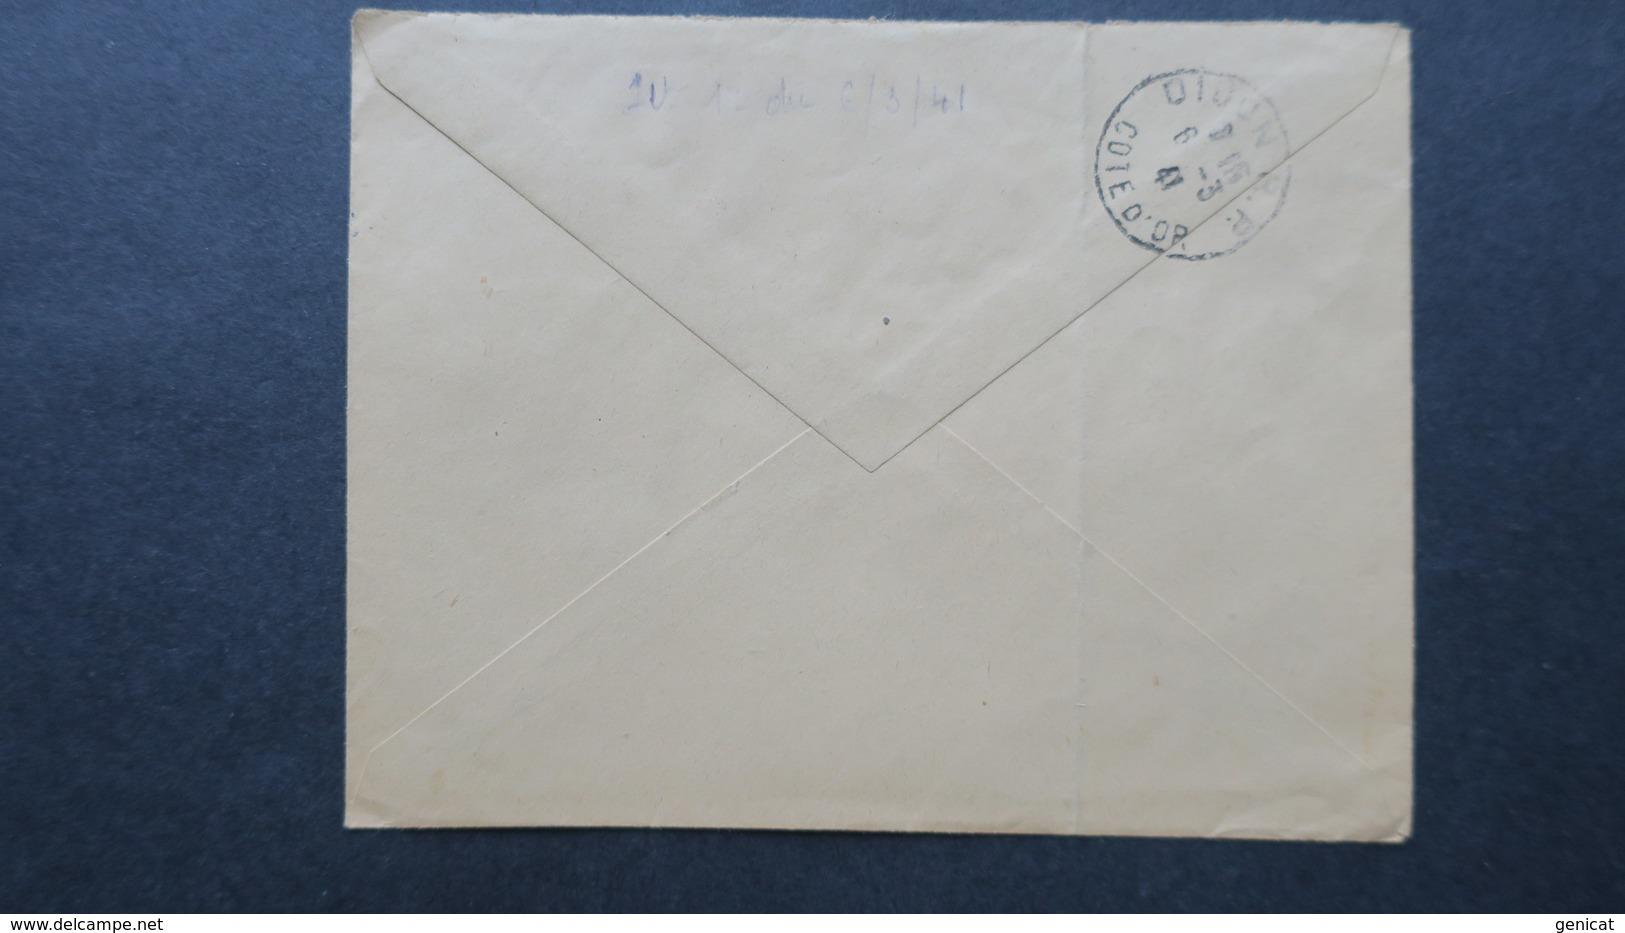 Lettre Recommandé Autun Mars 1941 Affranchissement Petain 472 Et 473 Pour Dijon - Guerre De 1939-45